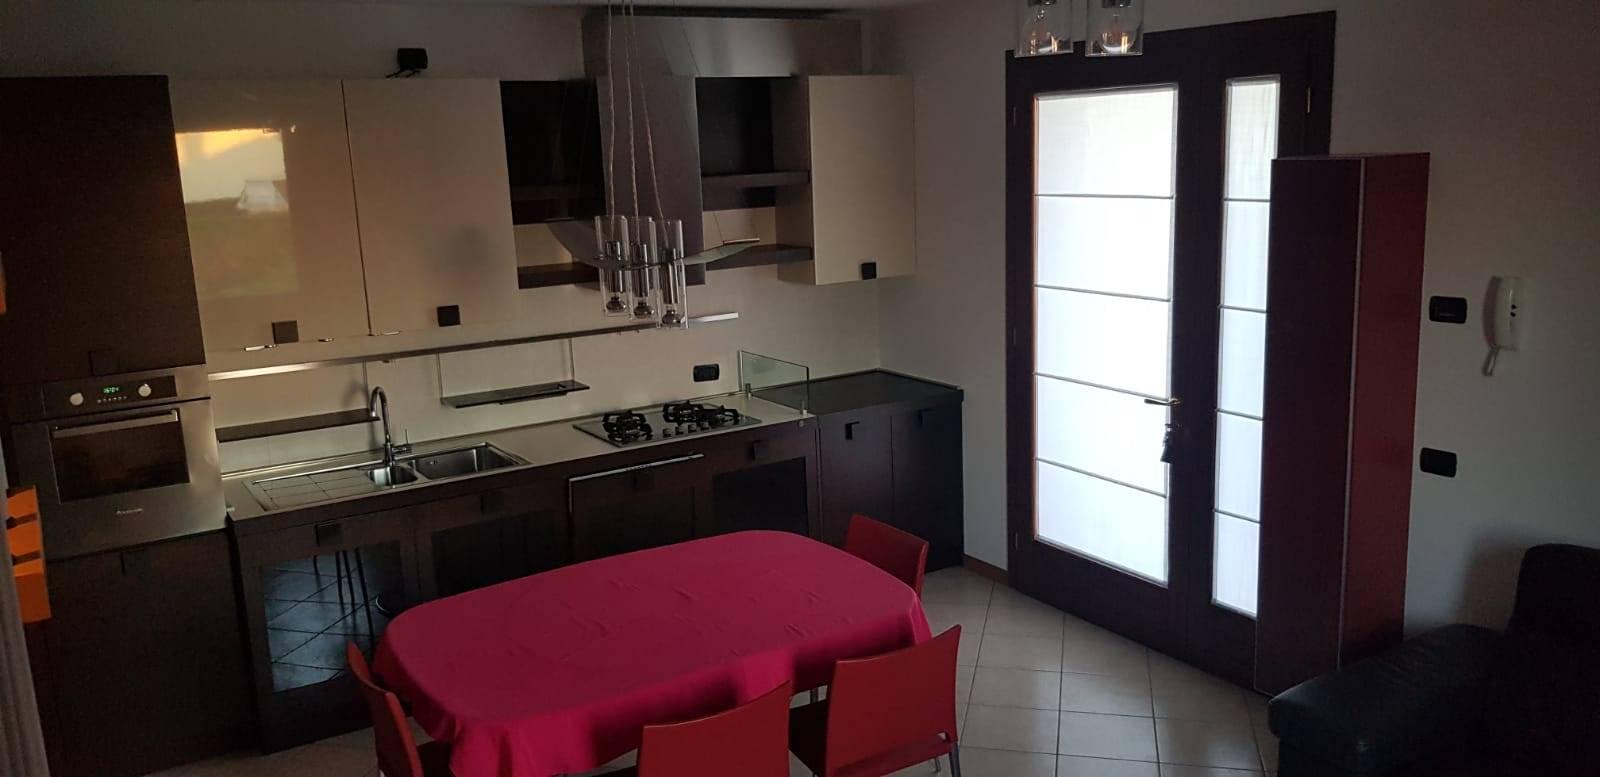 AppartamentoaTREVISO